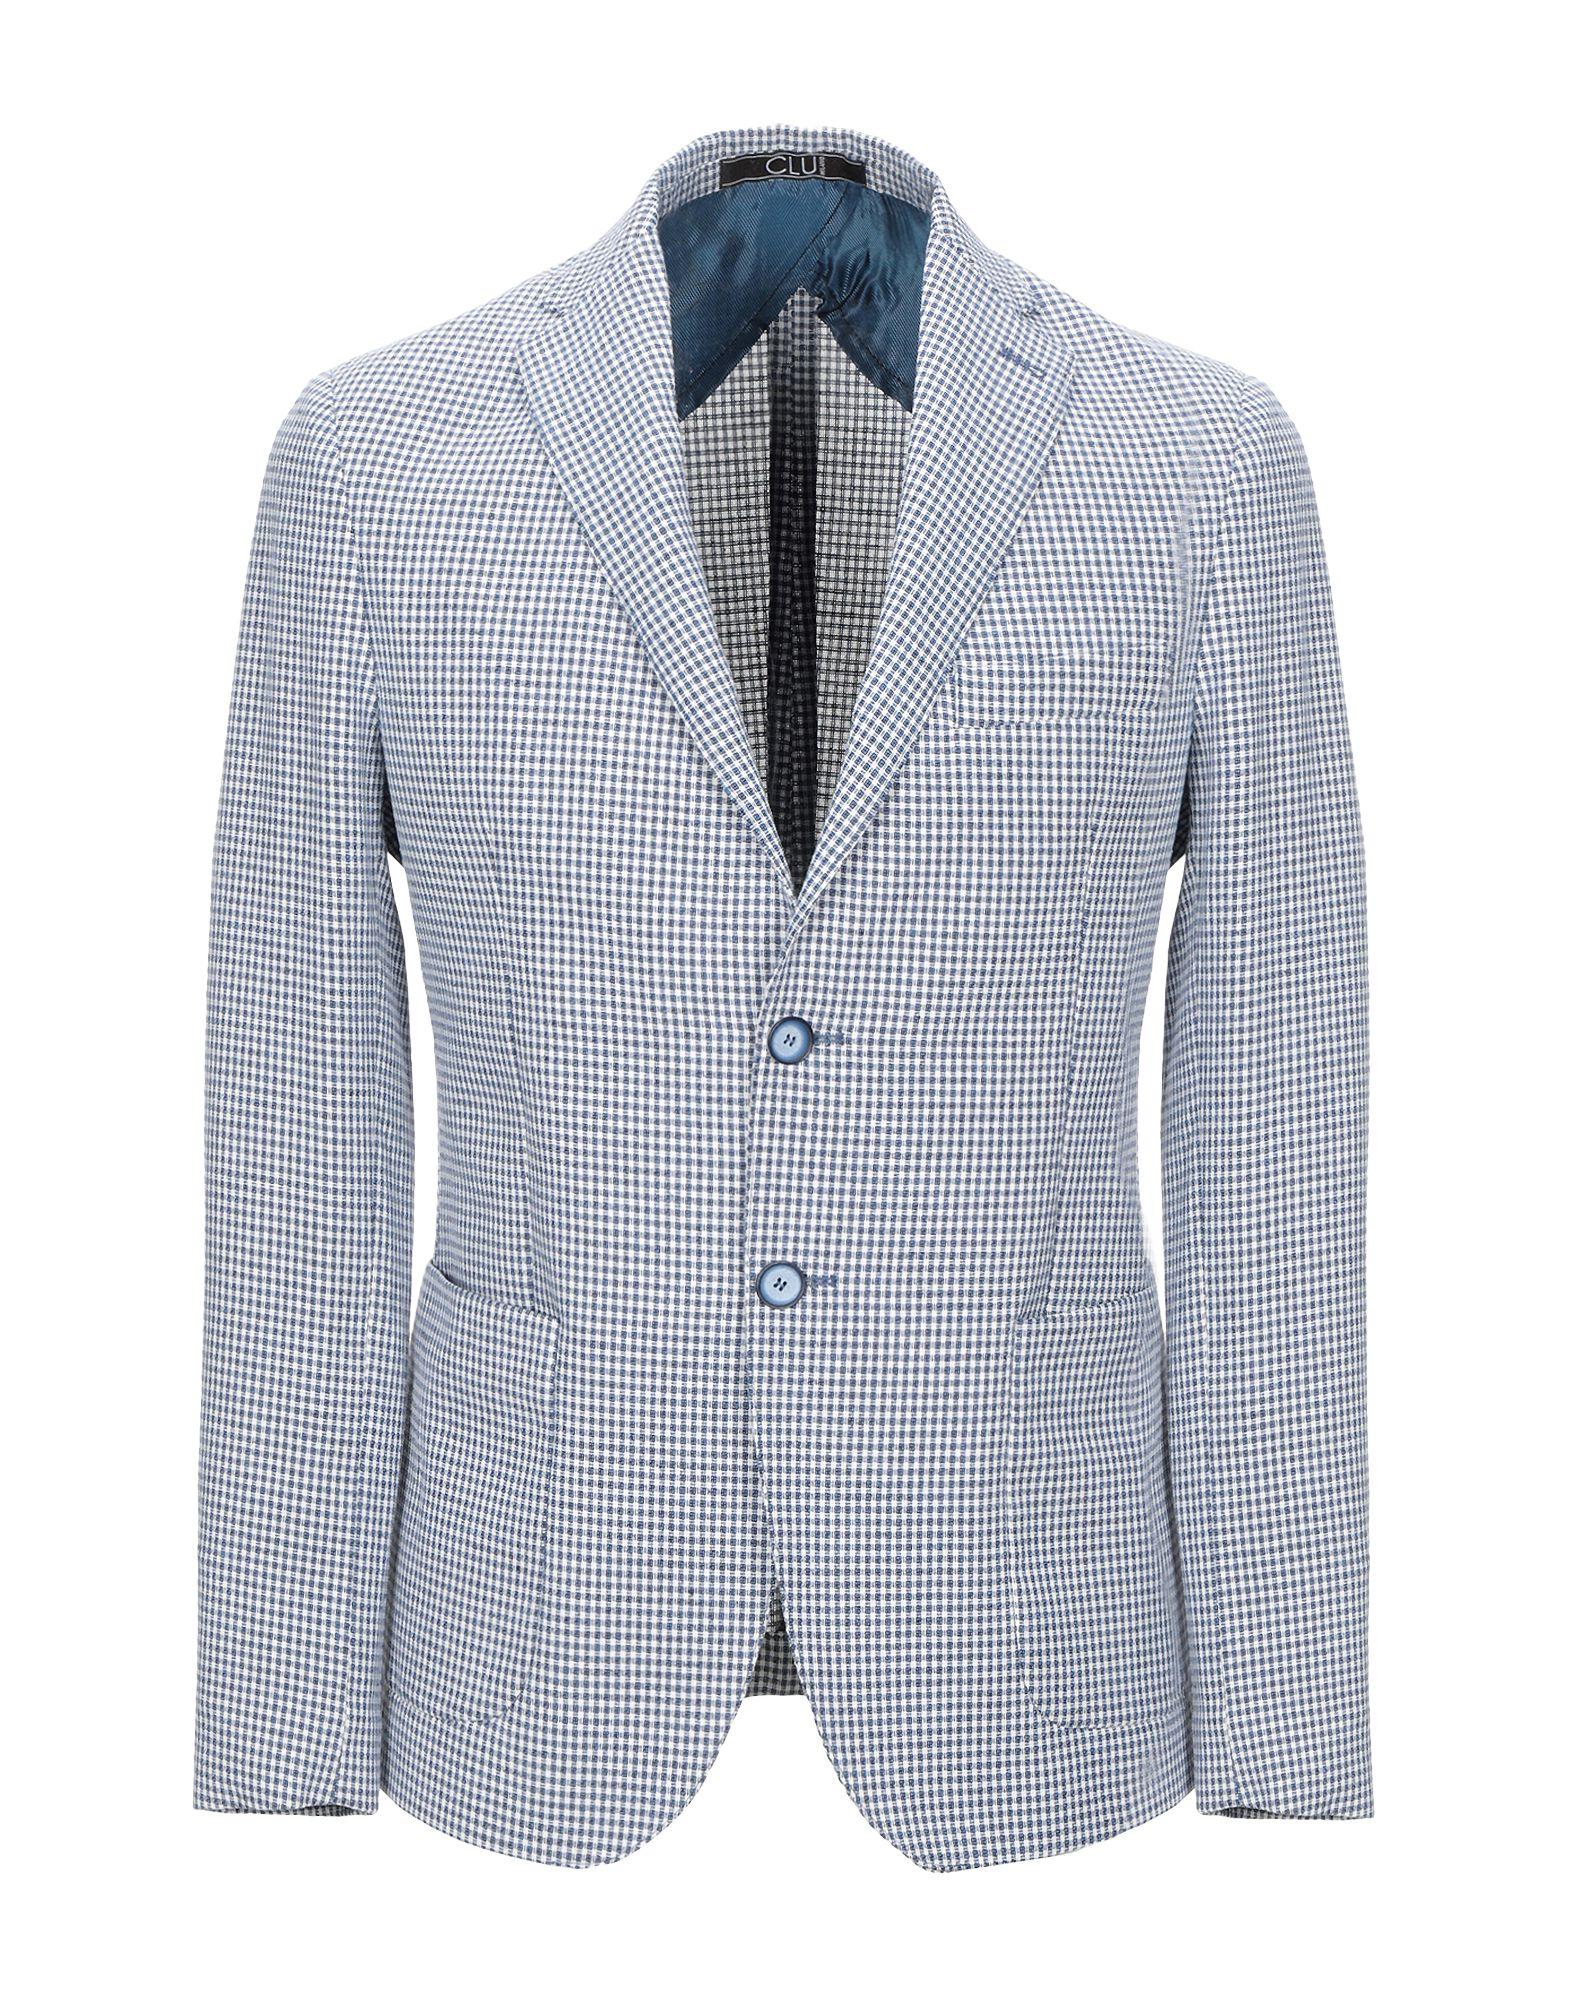 《送料無料》CLU メンズ テーラードジャケット ブルー 46 コットン 70% / レーヨン 30%